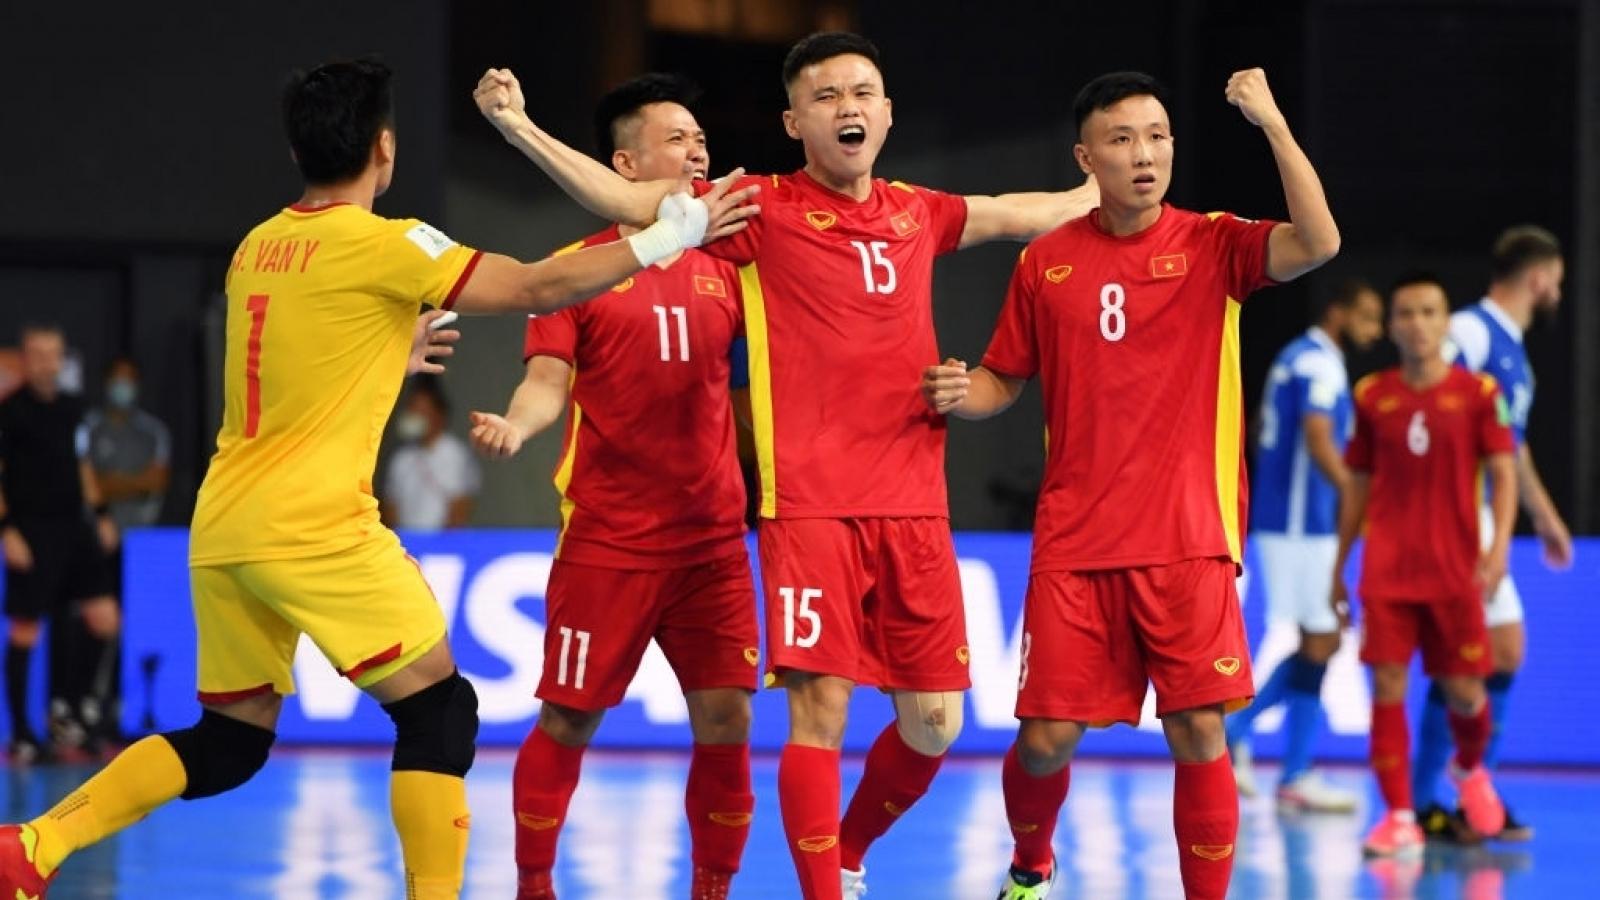 Cựu HLV Miguel Rodrigo: ĐT Futsal Việt Nam sẽ đánh bại ĐT Futsal Panama